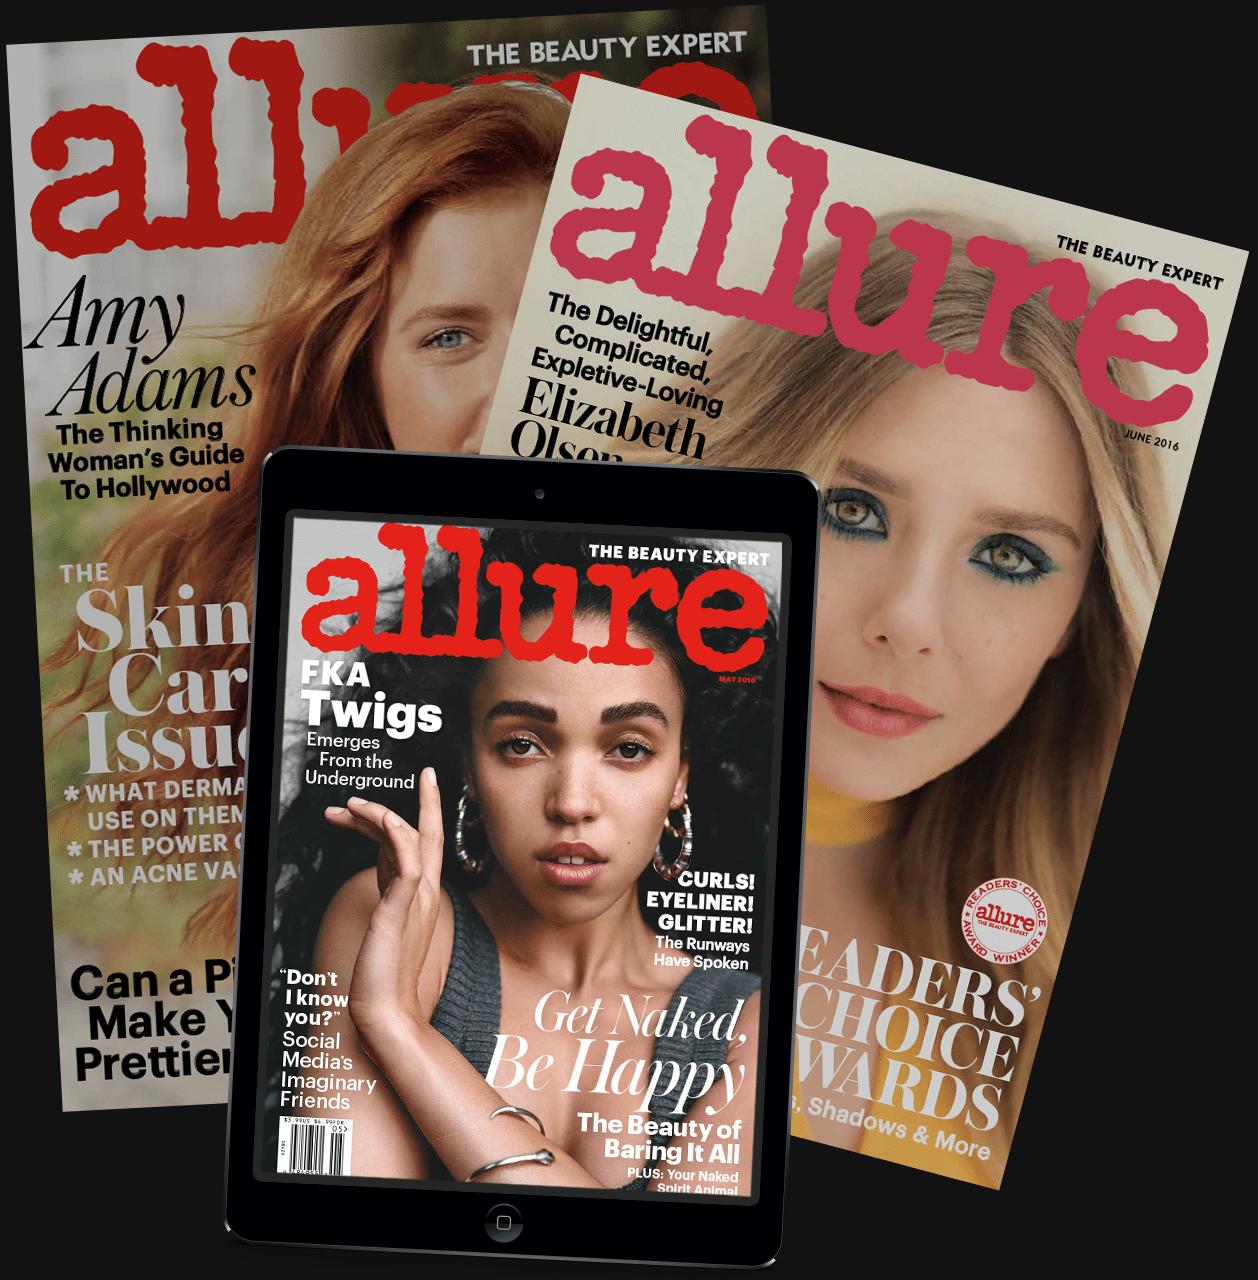 Αμερικάνικο περιοδικό «Allure»: «Αυτά είναι τα  «Μade In Greece» φυσικά καλλυντικά που θα σε μετατρέψουν σε Θεά! (ΦΩΤΟ)